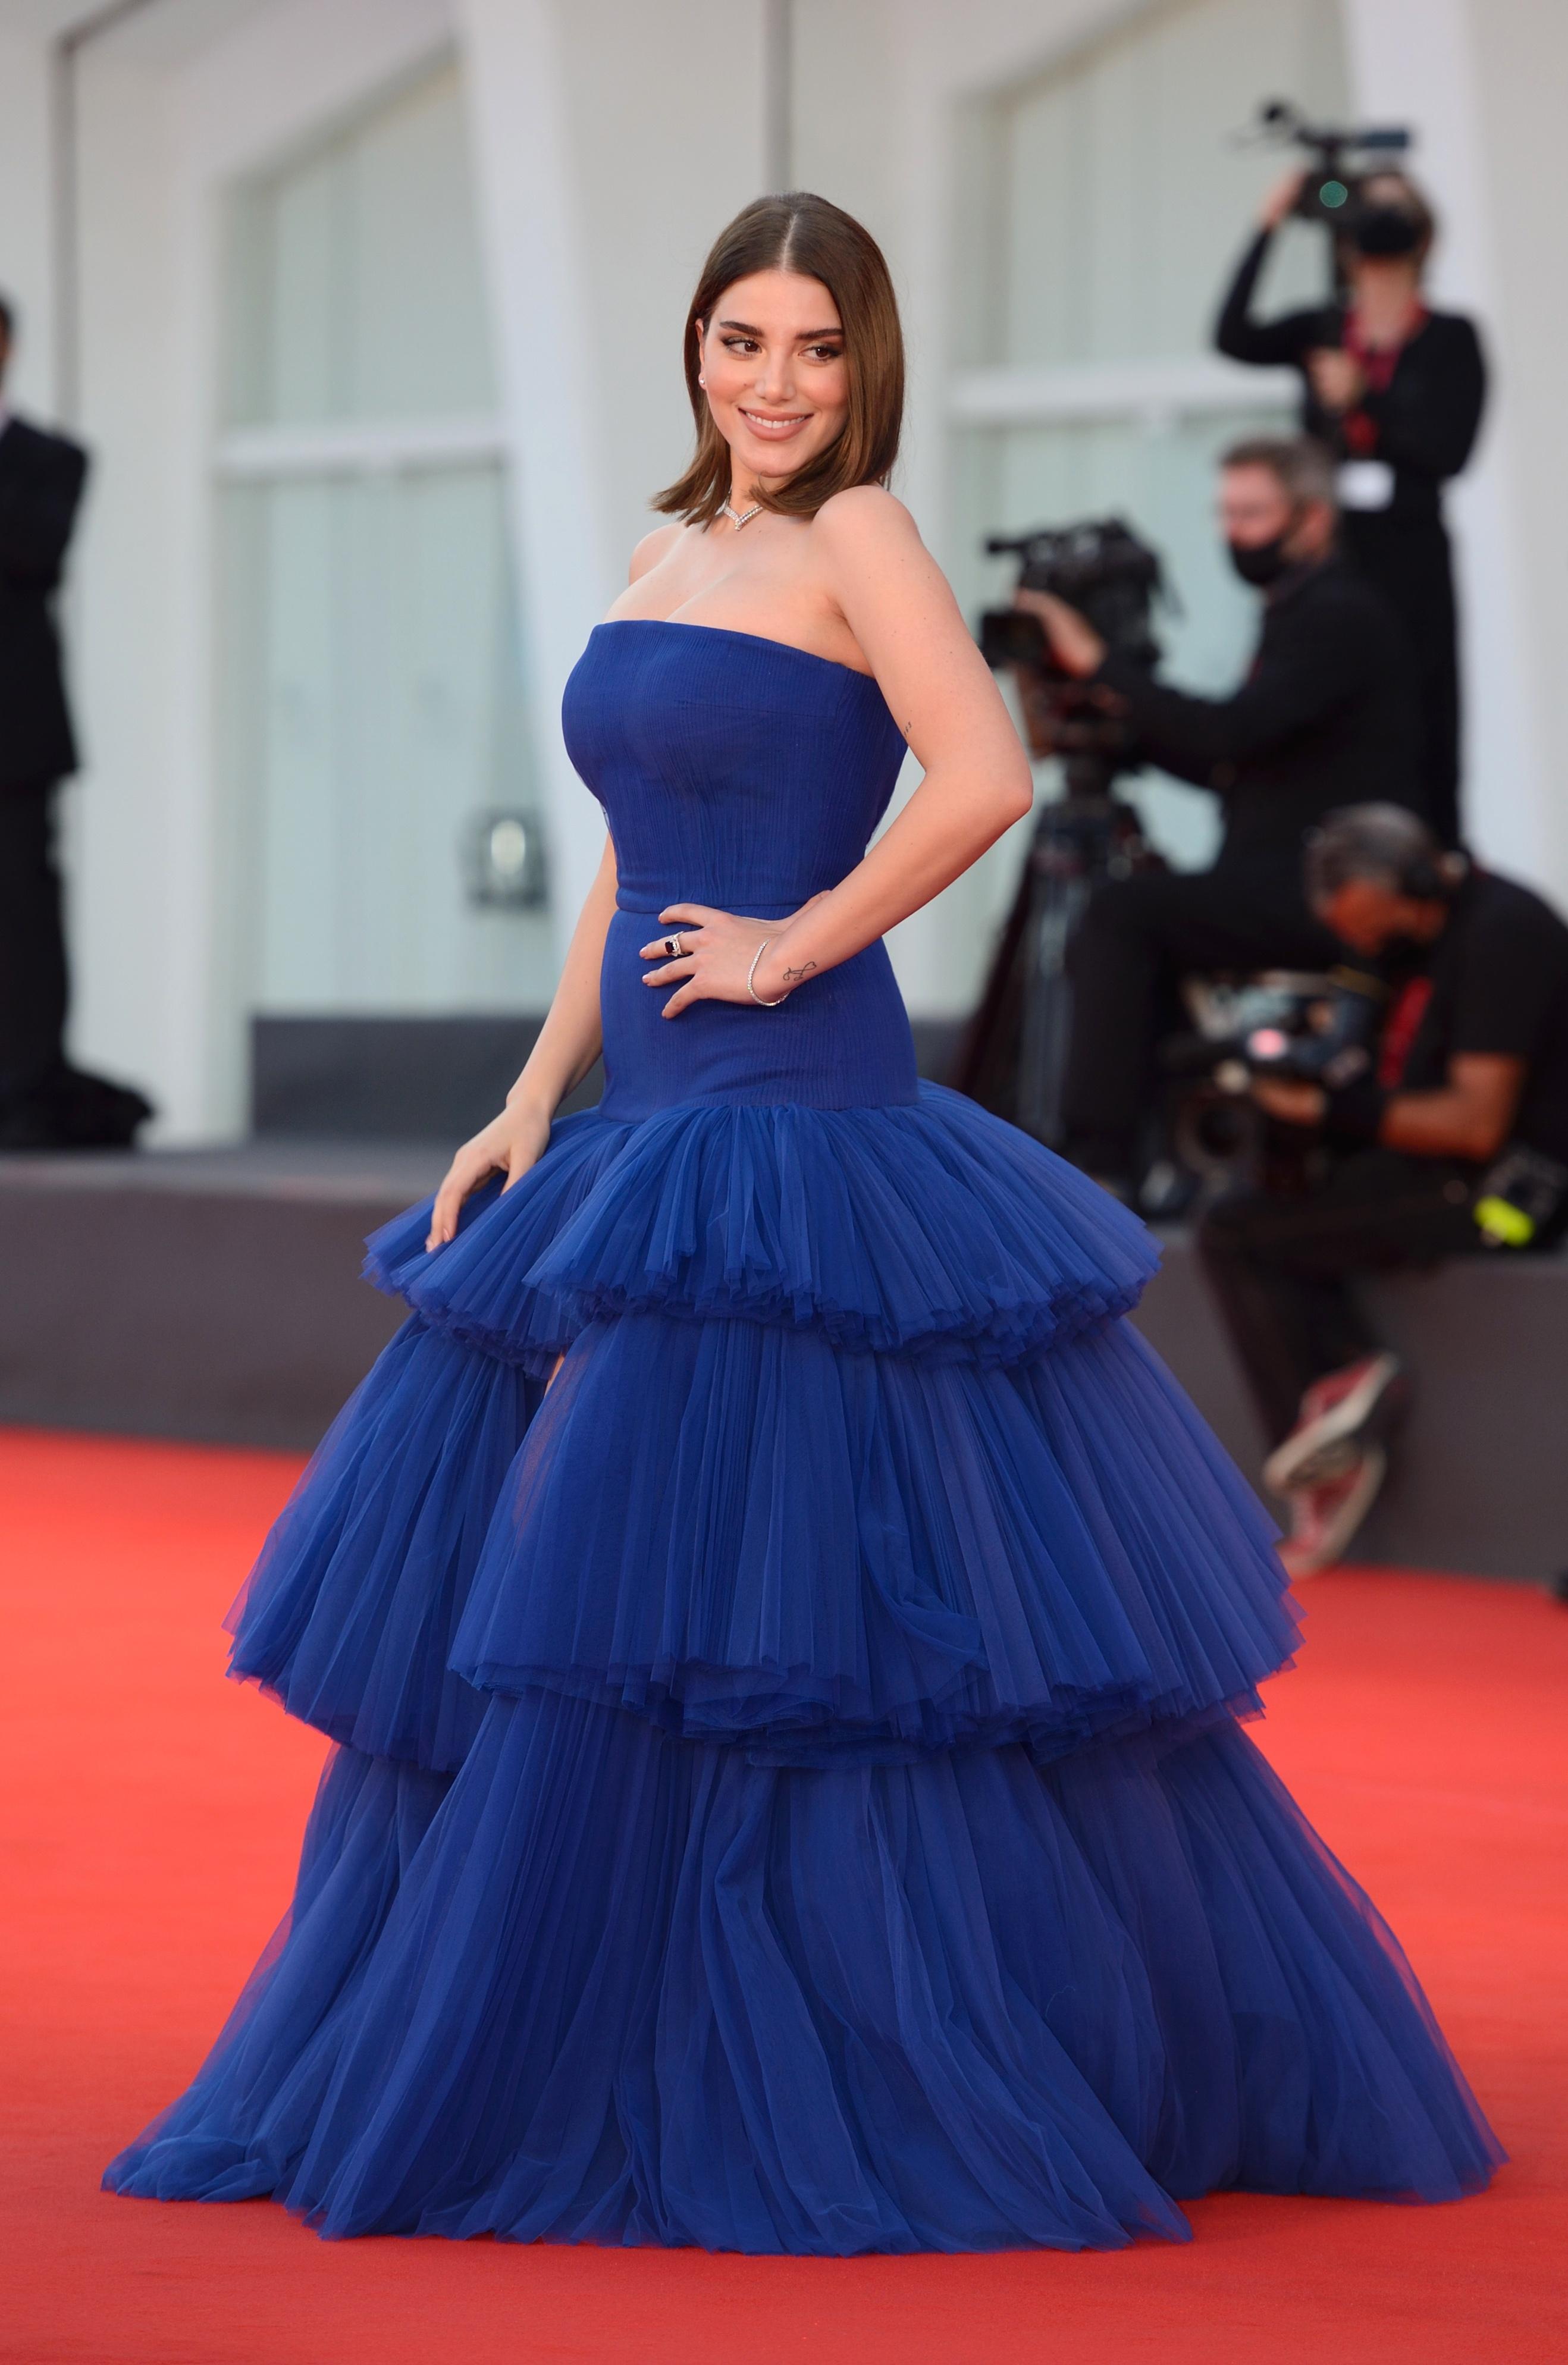 سينتيا صمويل خلال مهرجان البندقية السينمائي